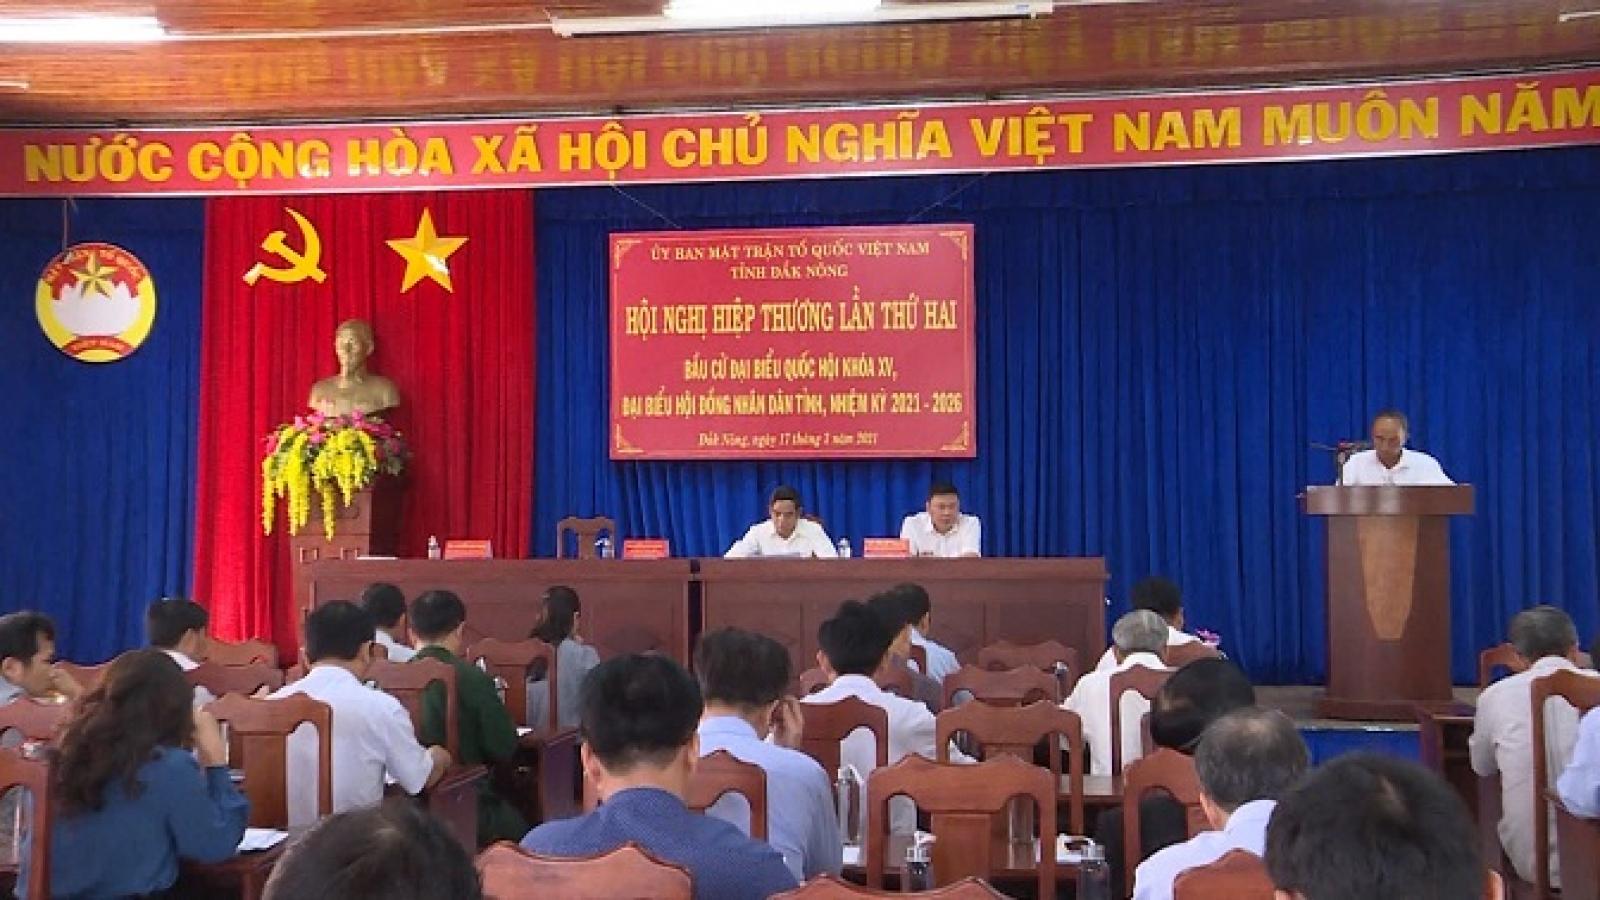 Đắk Nông tích cực chuẩn bị cho bầu cử đại biểu Quốc hội và HĐND các cấp